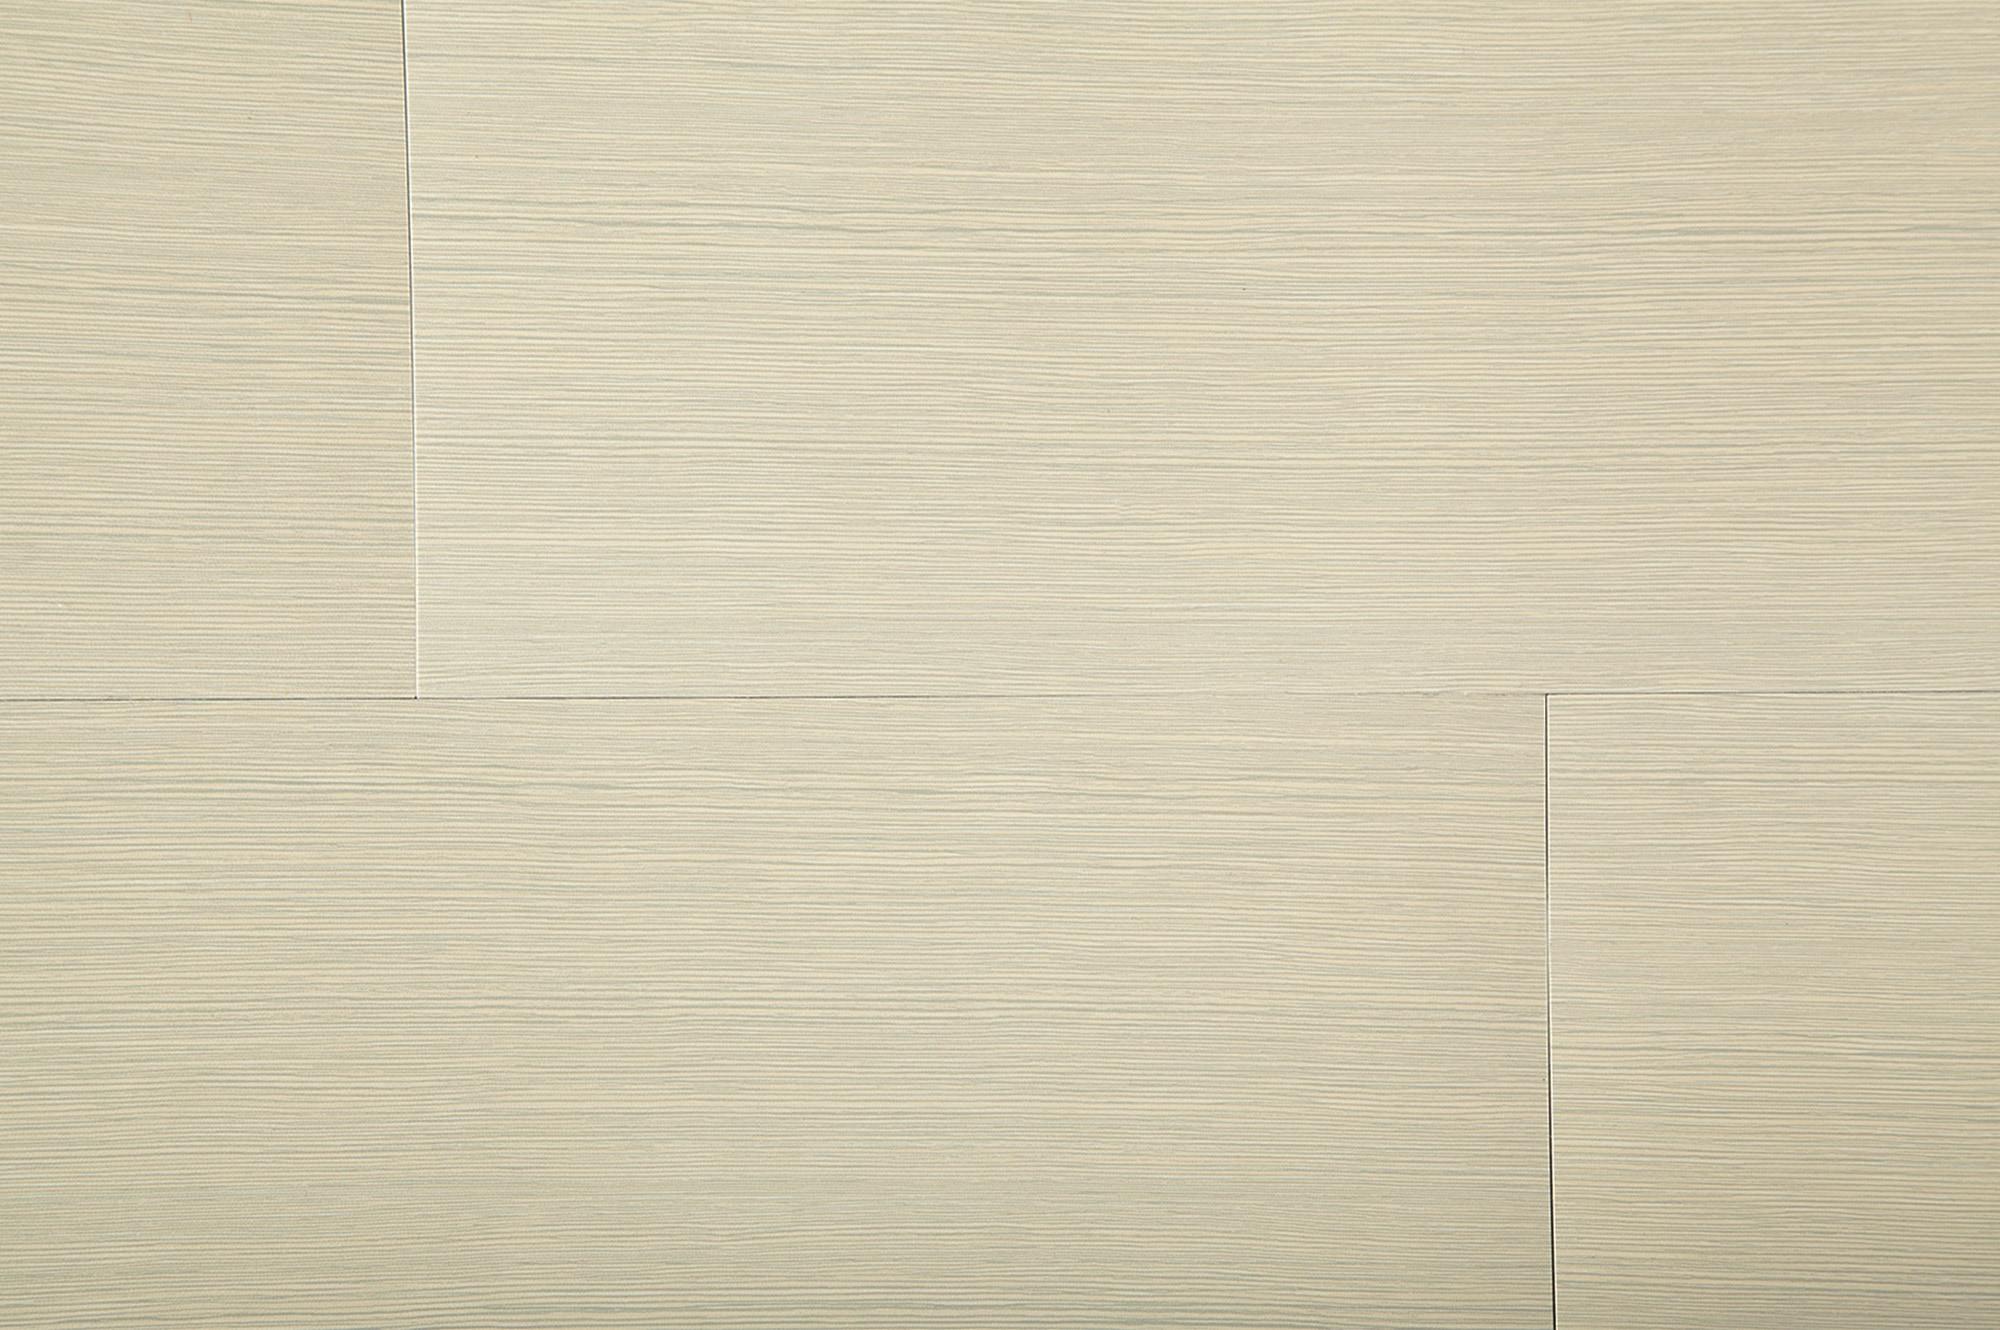 Vesdura vinyl tile 2mm pvc peel stick linen collection greige vesdura vinyl tile 2mm pvc peel stick linen collection greige 2mm pvc peel stick dailygadgetfo Image collections